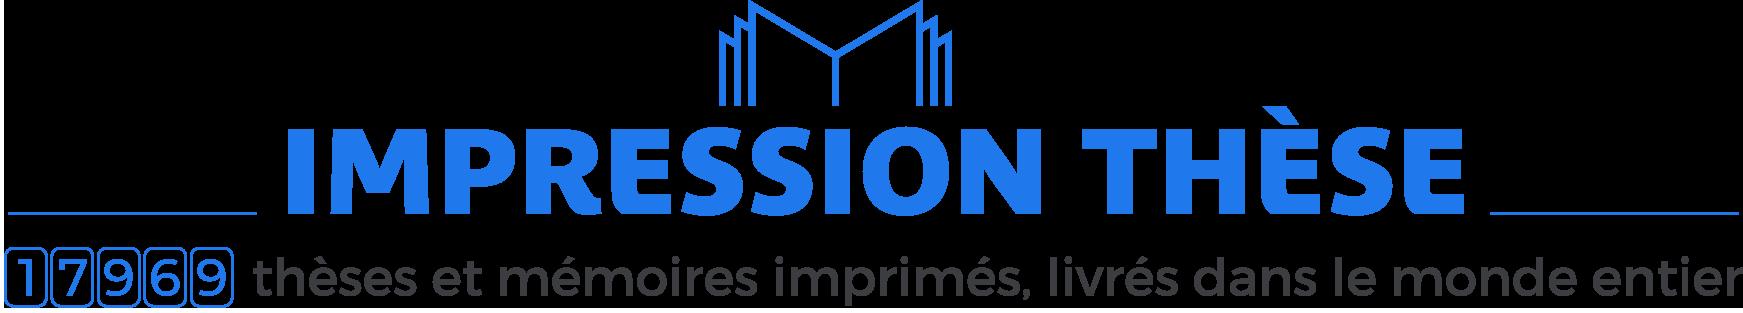 Impression-these.com logo